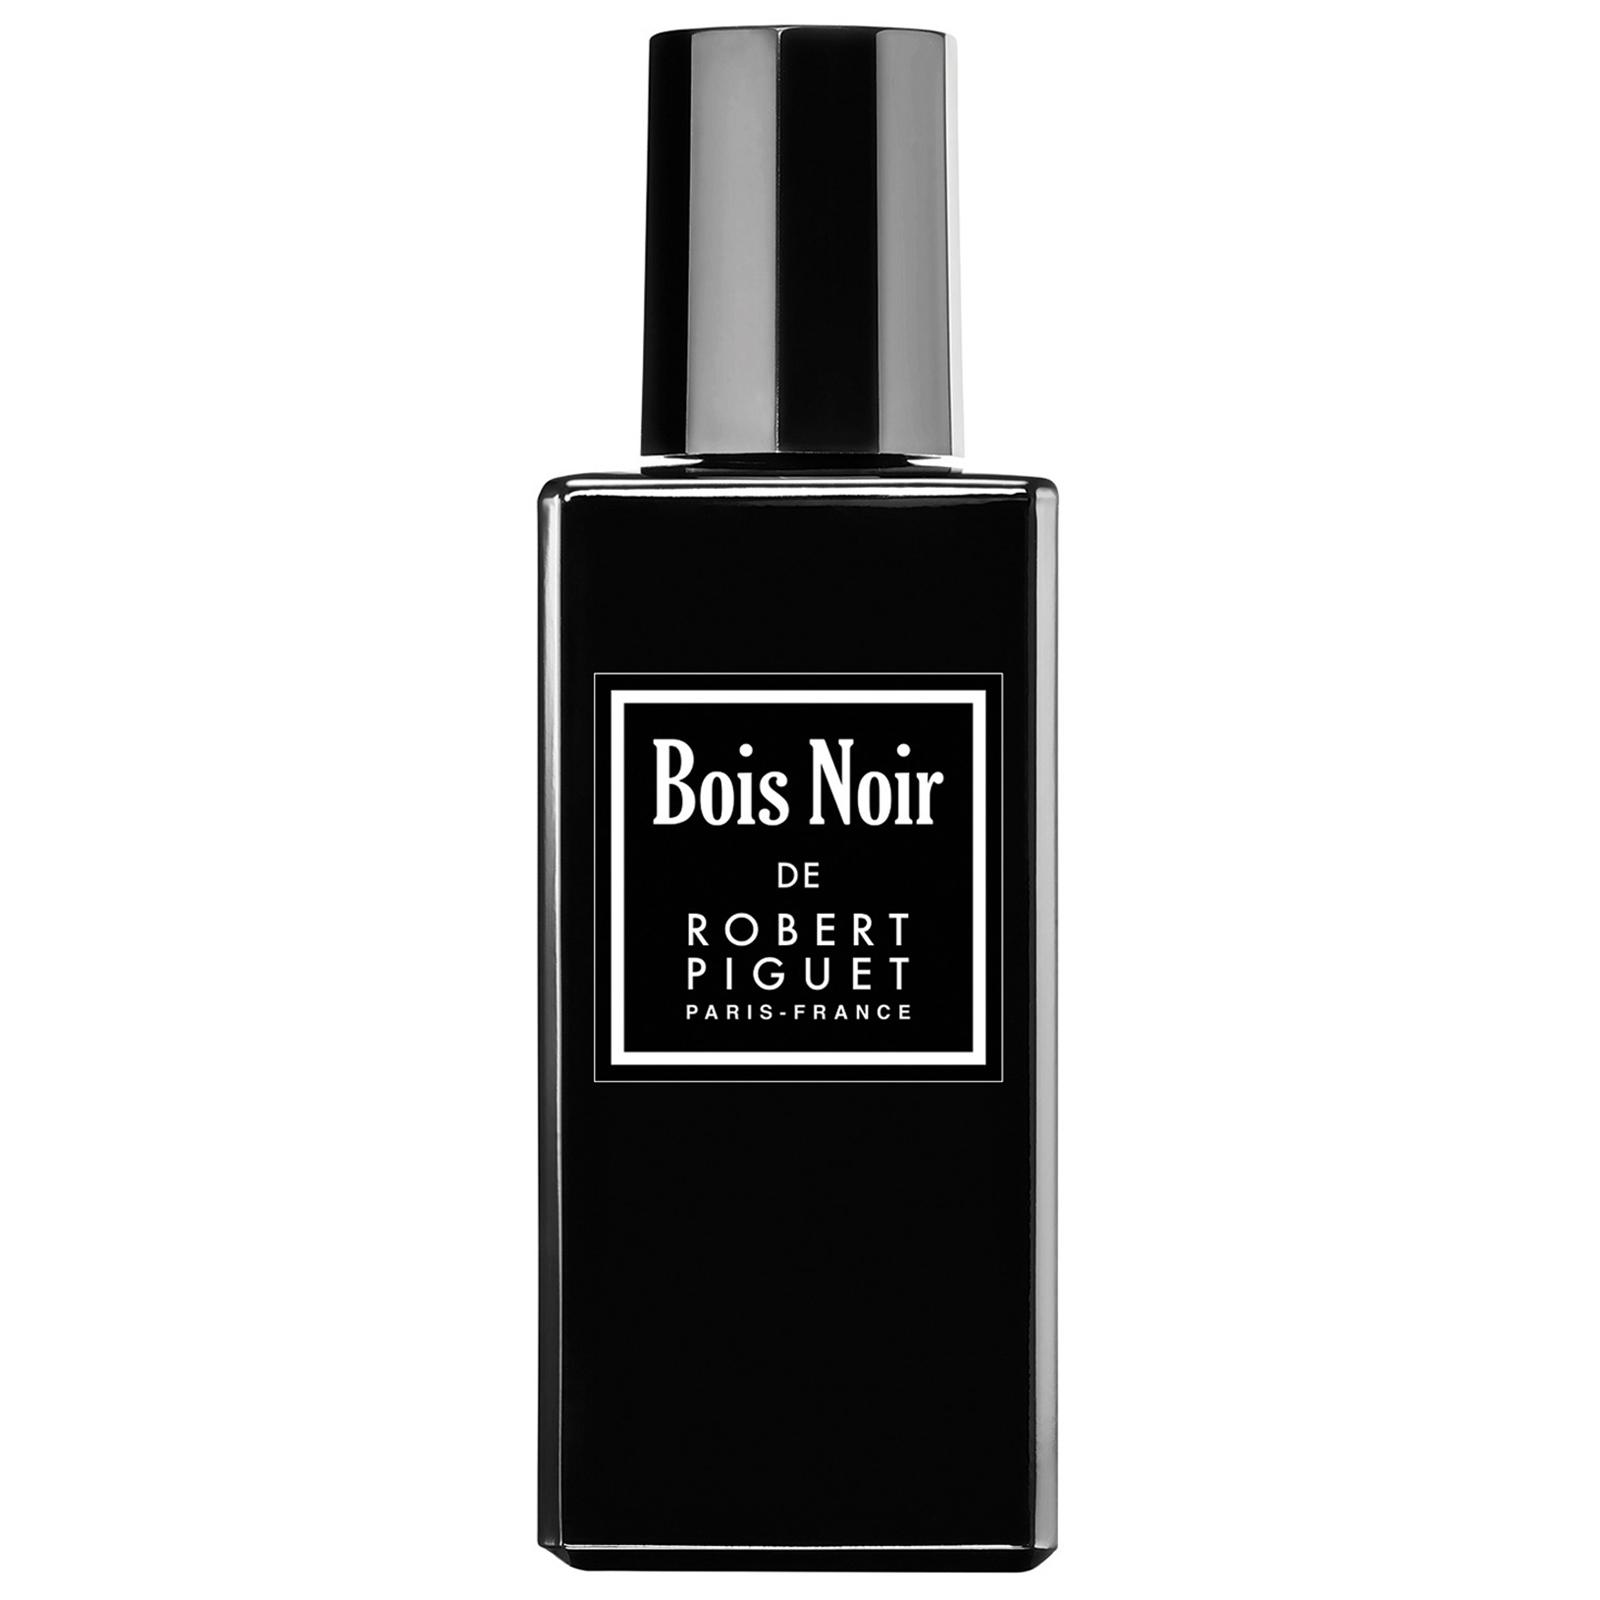 Bois noir perfume eau de parfum 100 ml